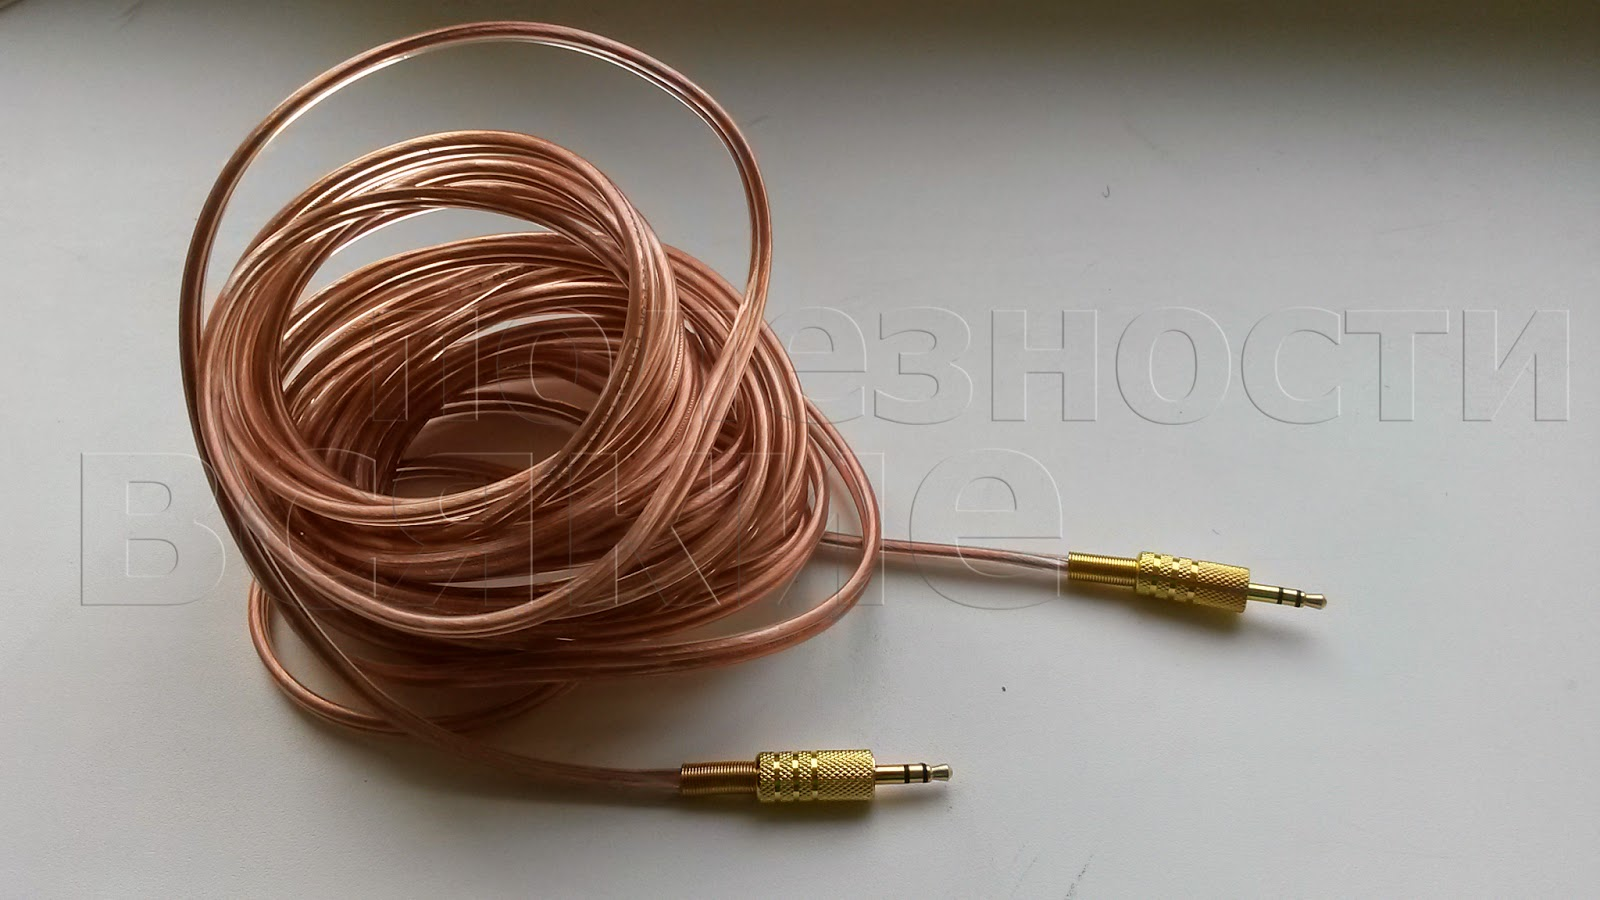 готовый шнур jack 3.5 -  jack 3.5